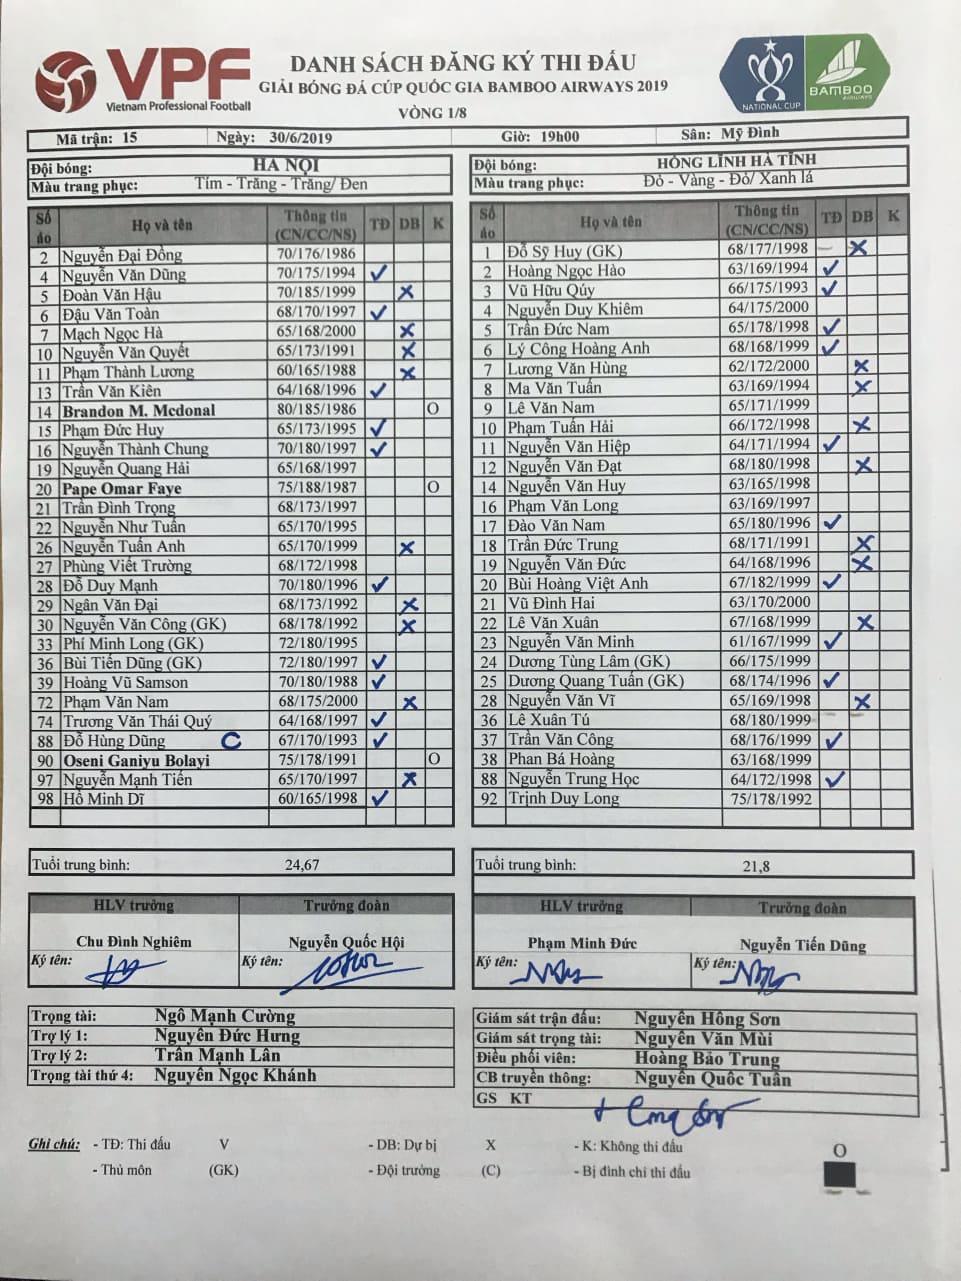 TRỰC TIẾP CLB Hà Nội vs Hồng Lĩnh Hà Tĩnh: Đội hình dự kiến - Bóng Đá